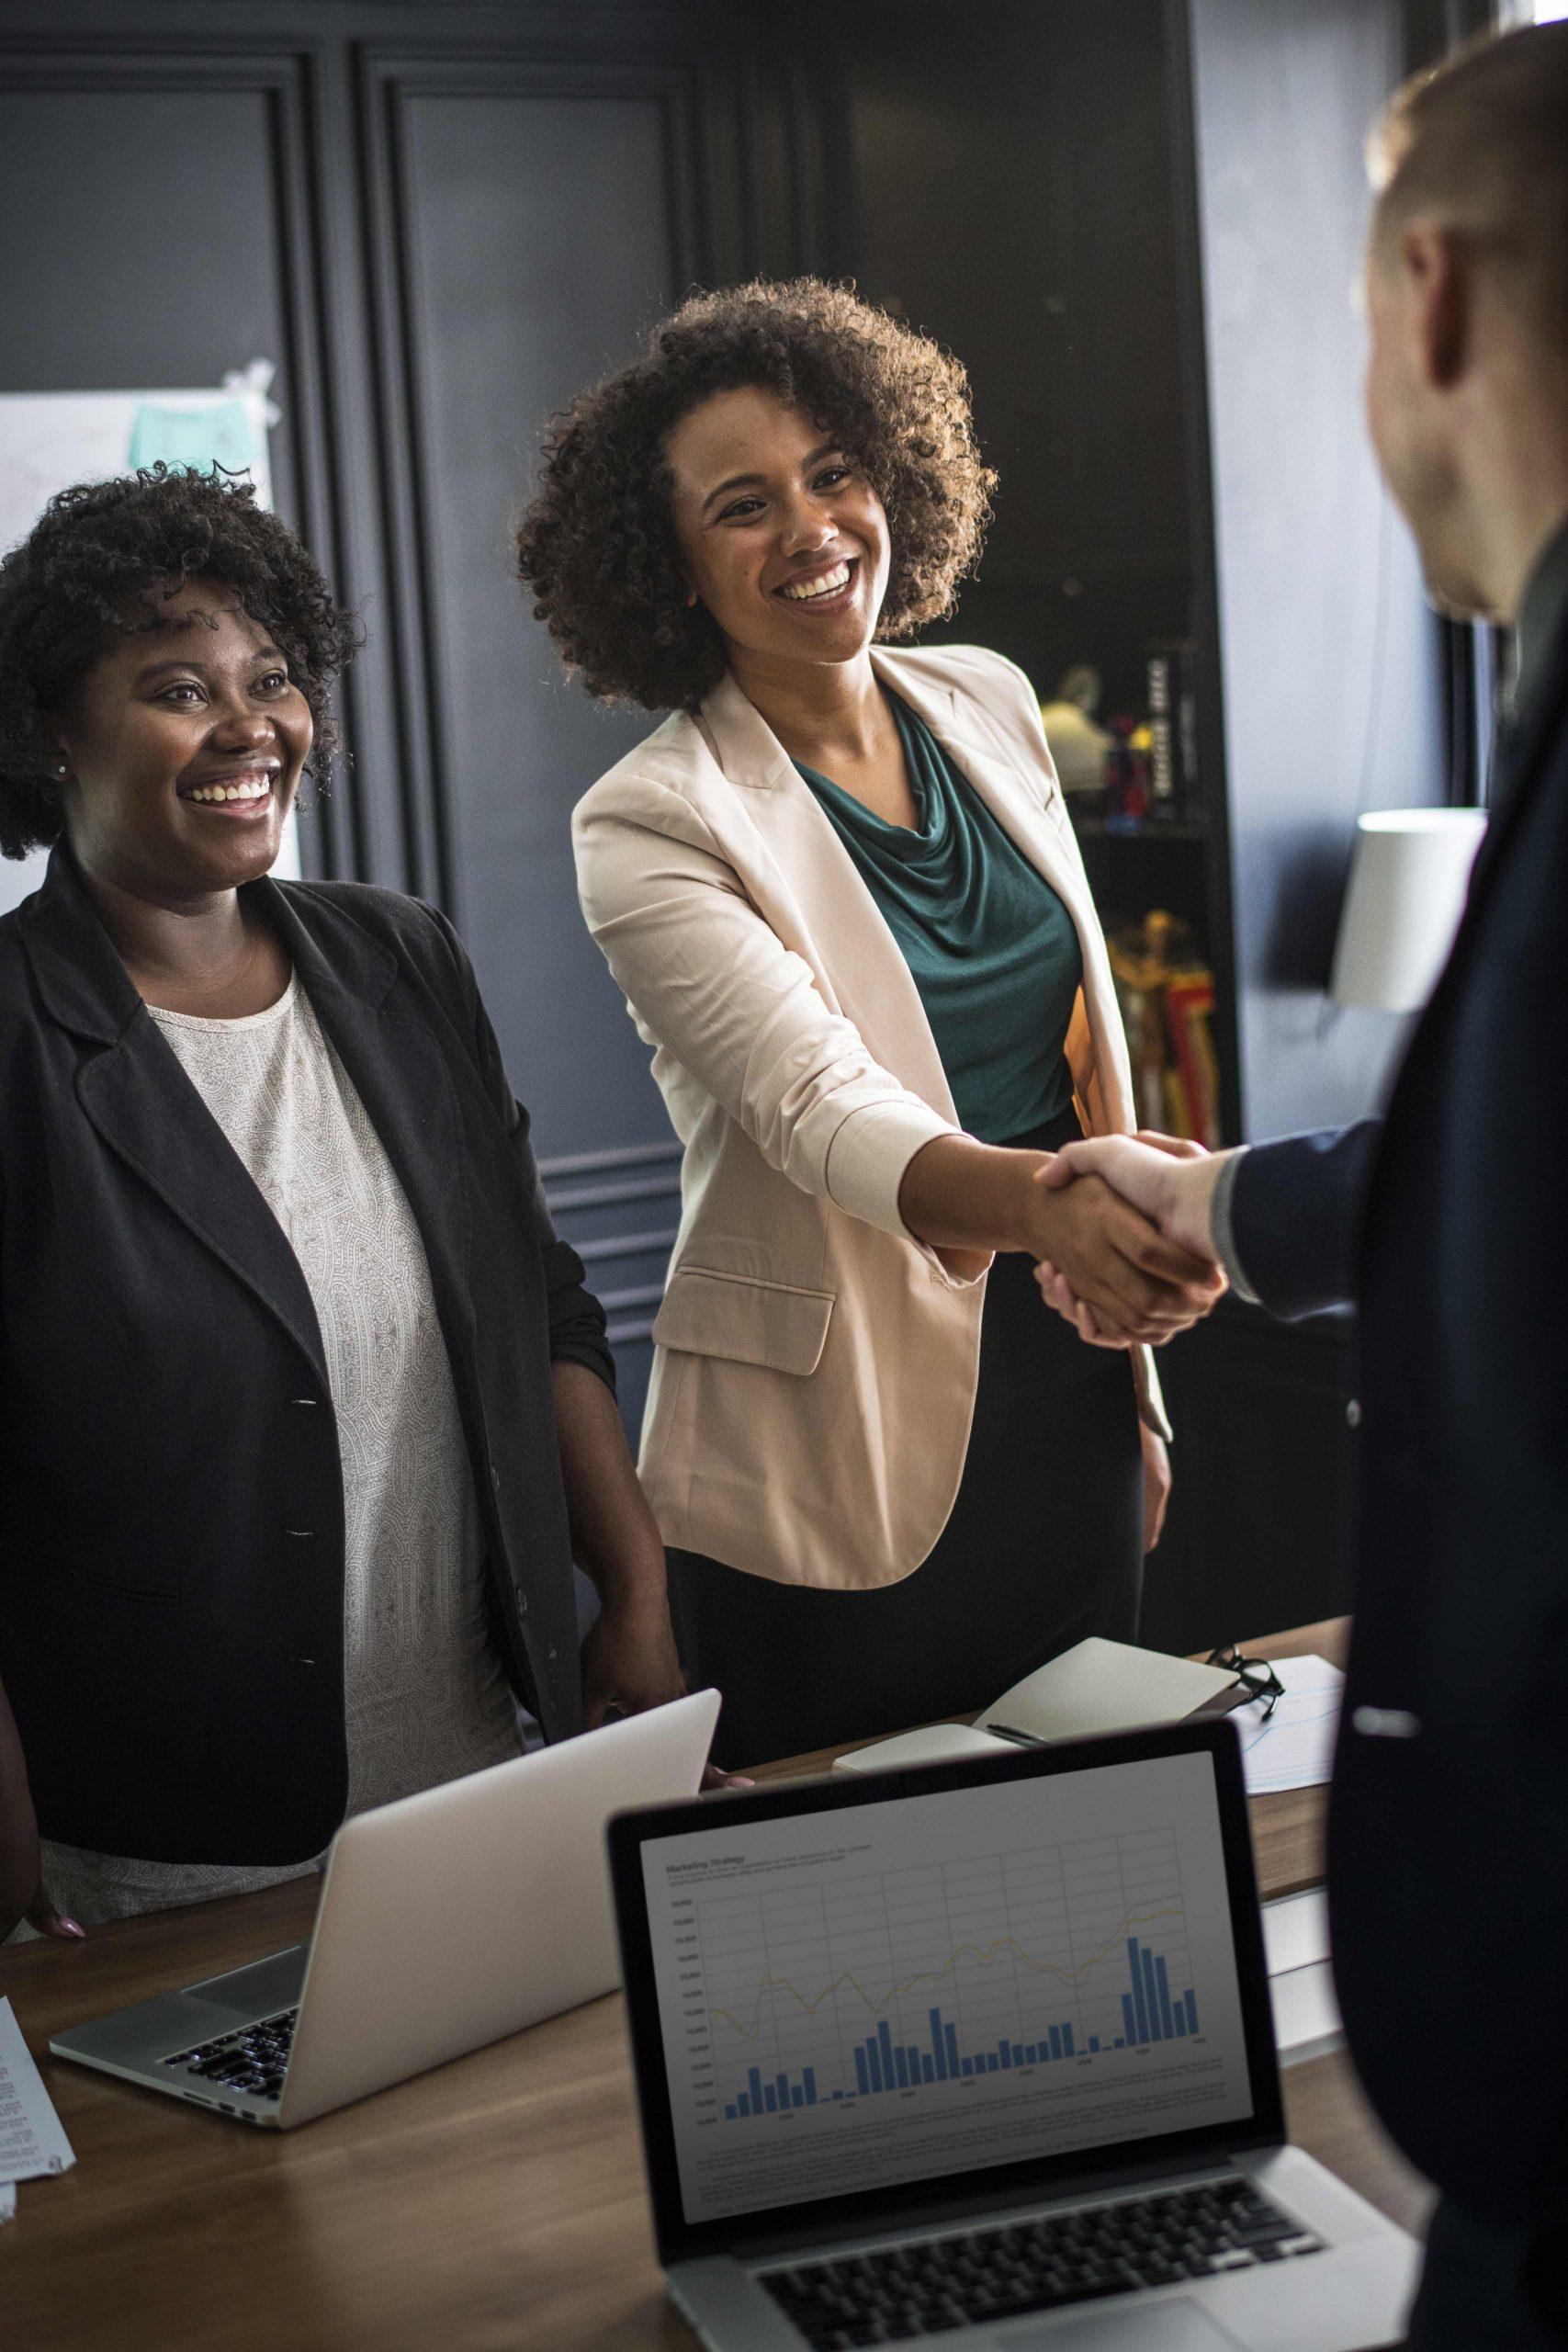 deux femmes qui serrent les mains avec un homme dans le bureau